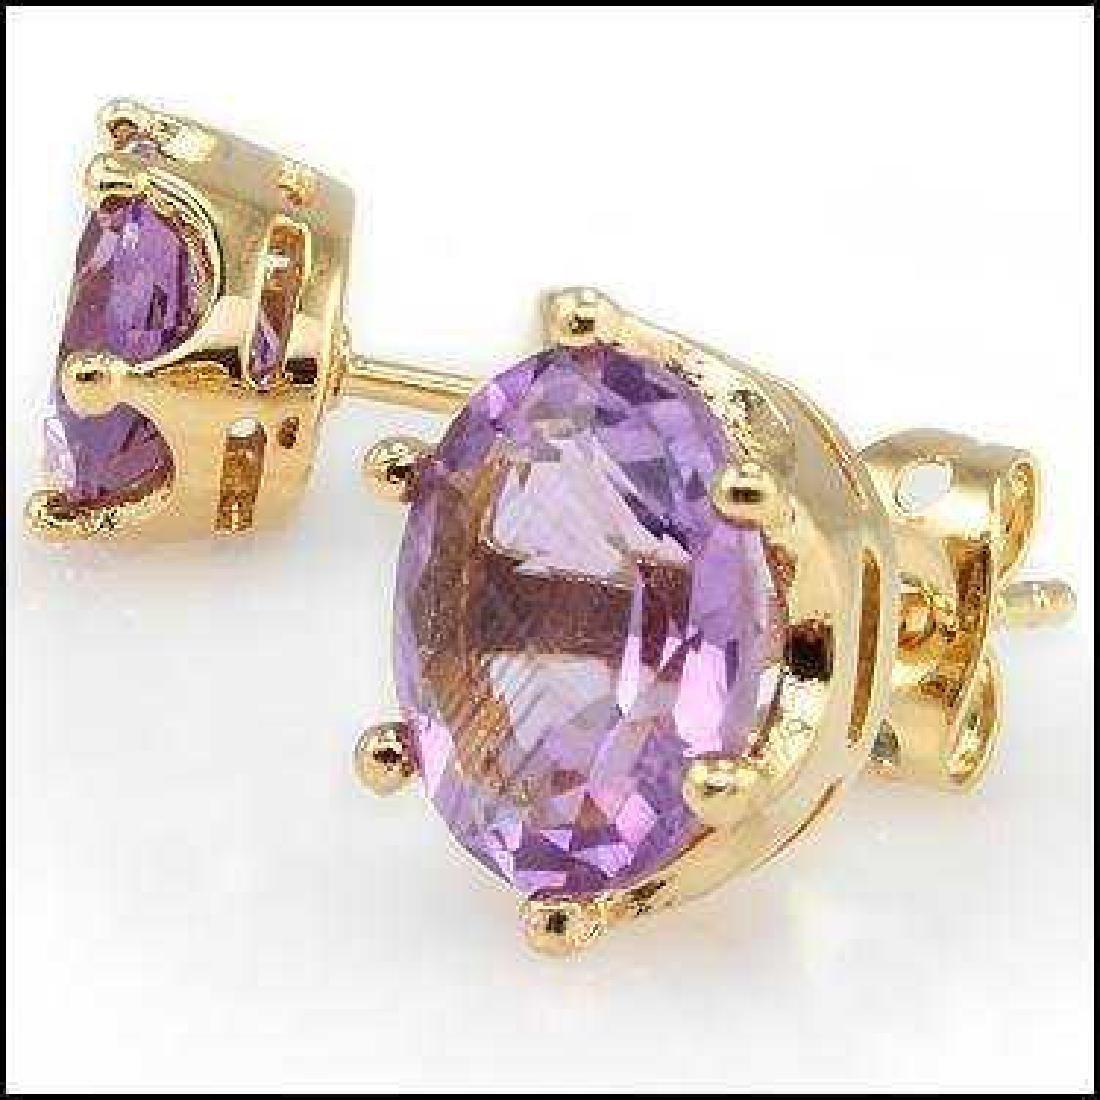 4.64 CT Purple Amethyst Stud Designer Earrings $745 - 2